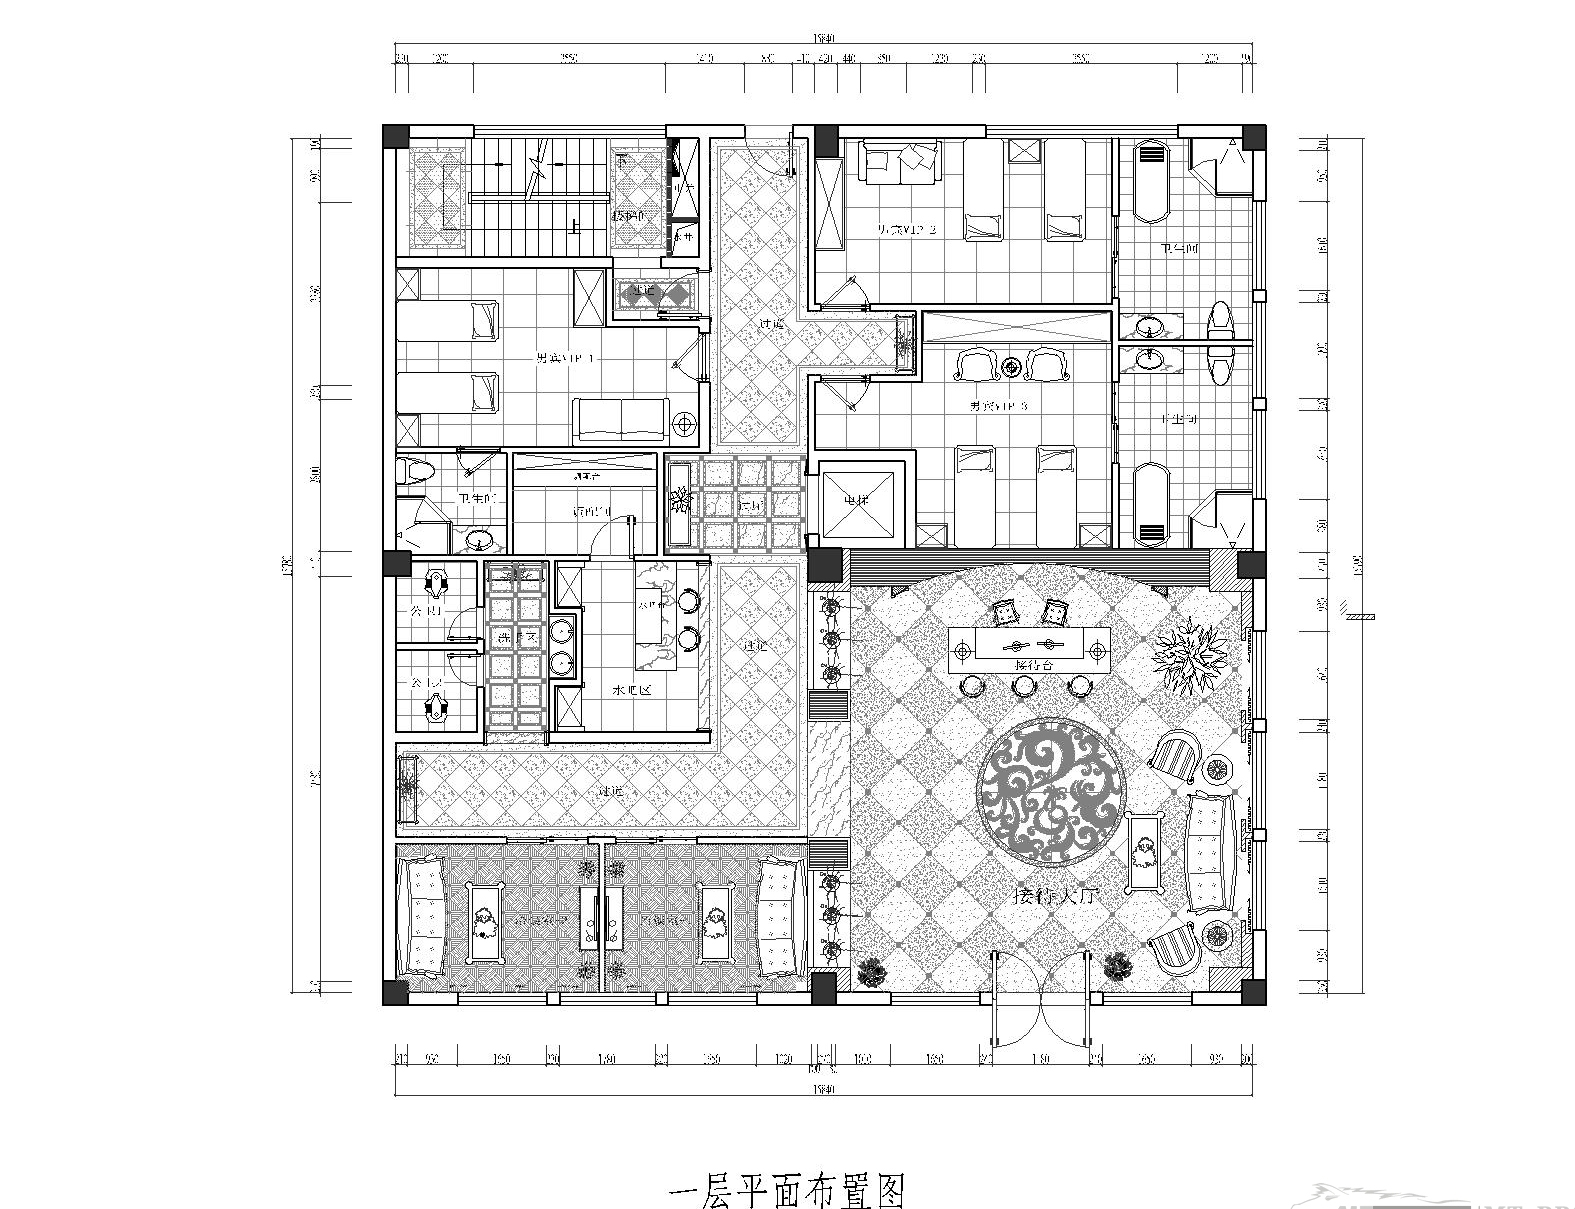 平面布置图 餐饮空间设计 办公空间设计 北京地区提供现场测量